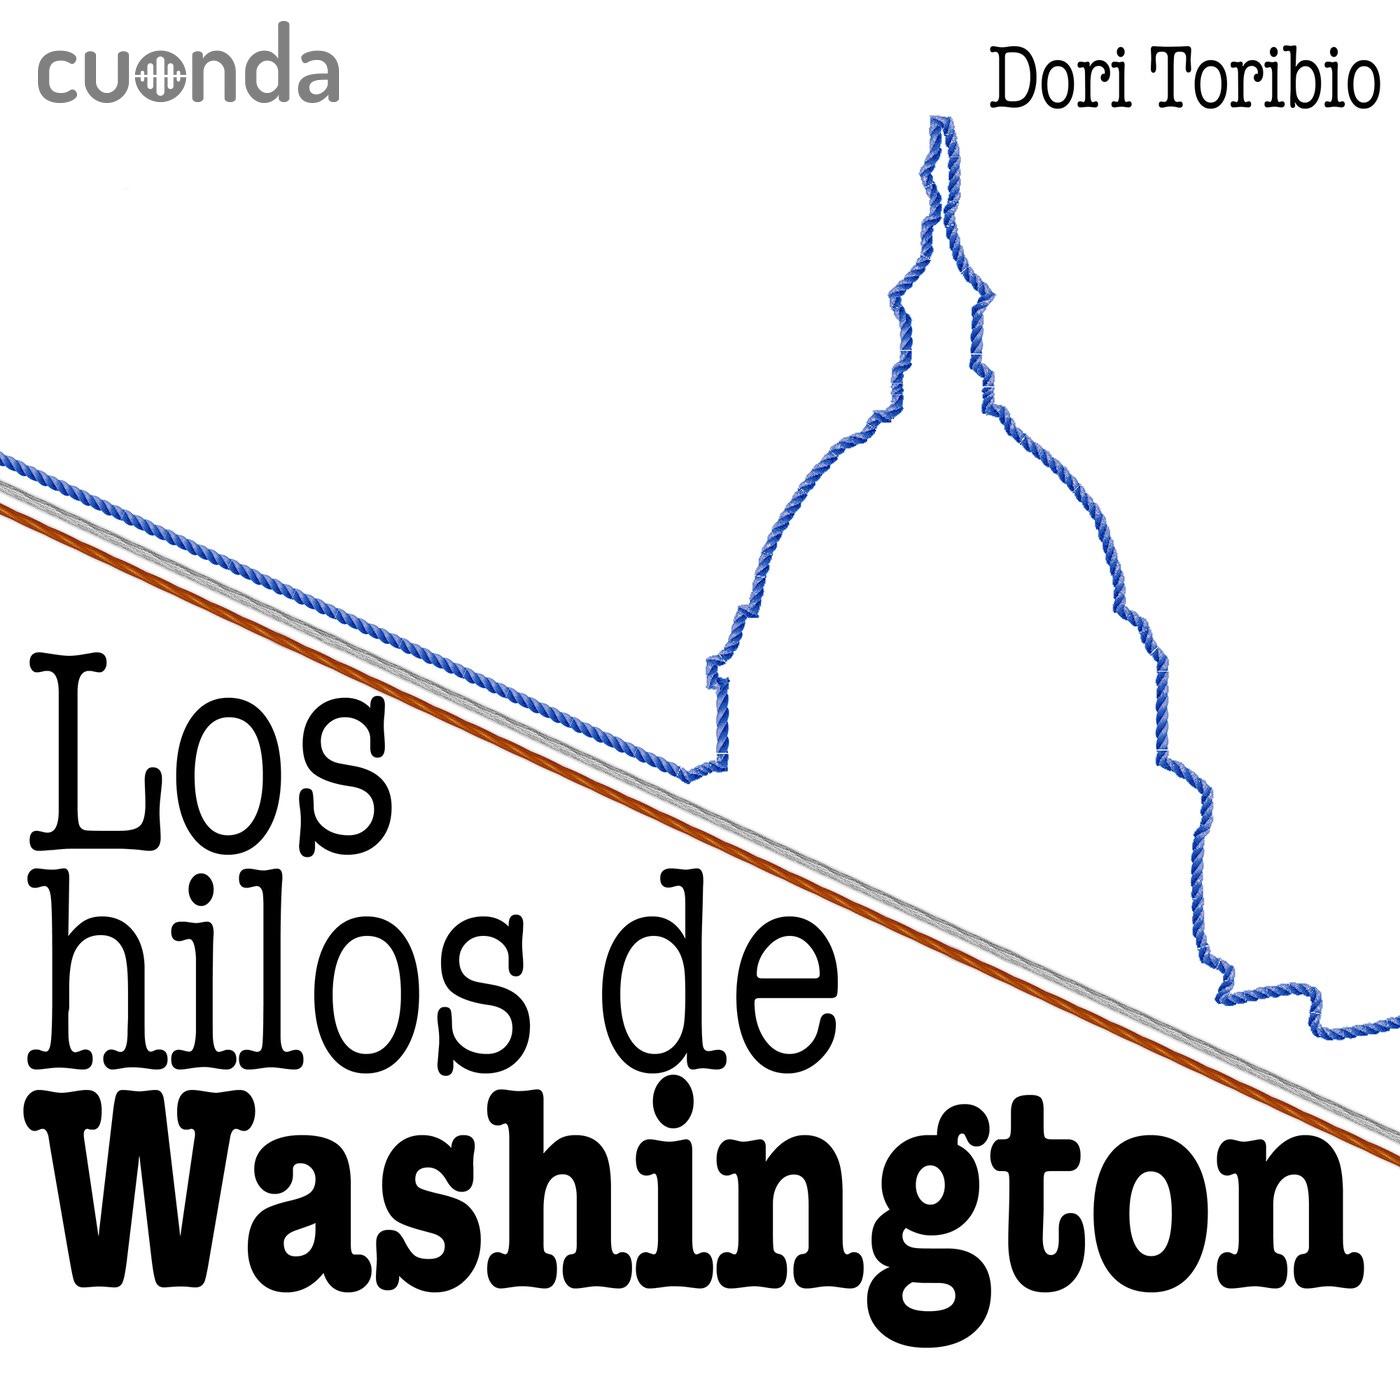 Los hilos de Washington